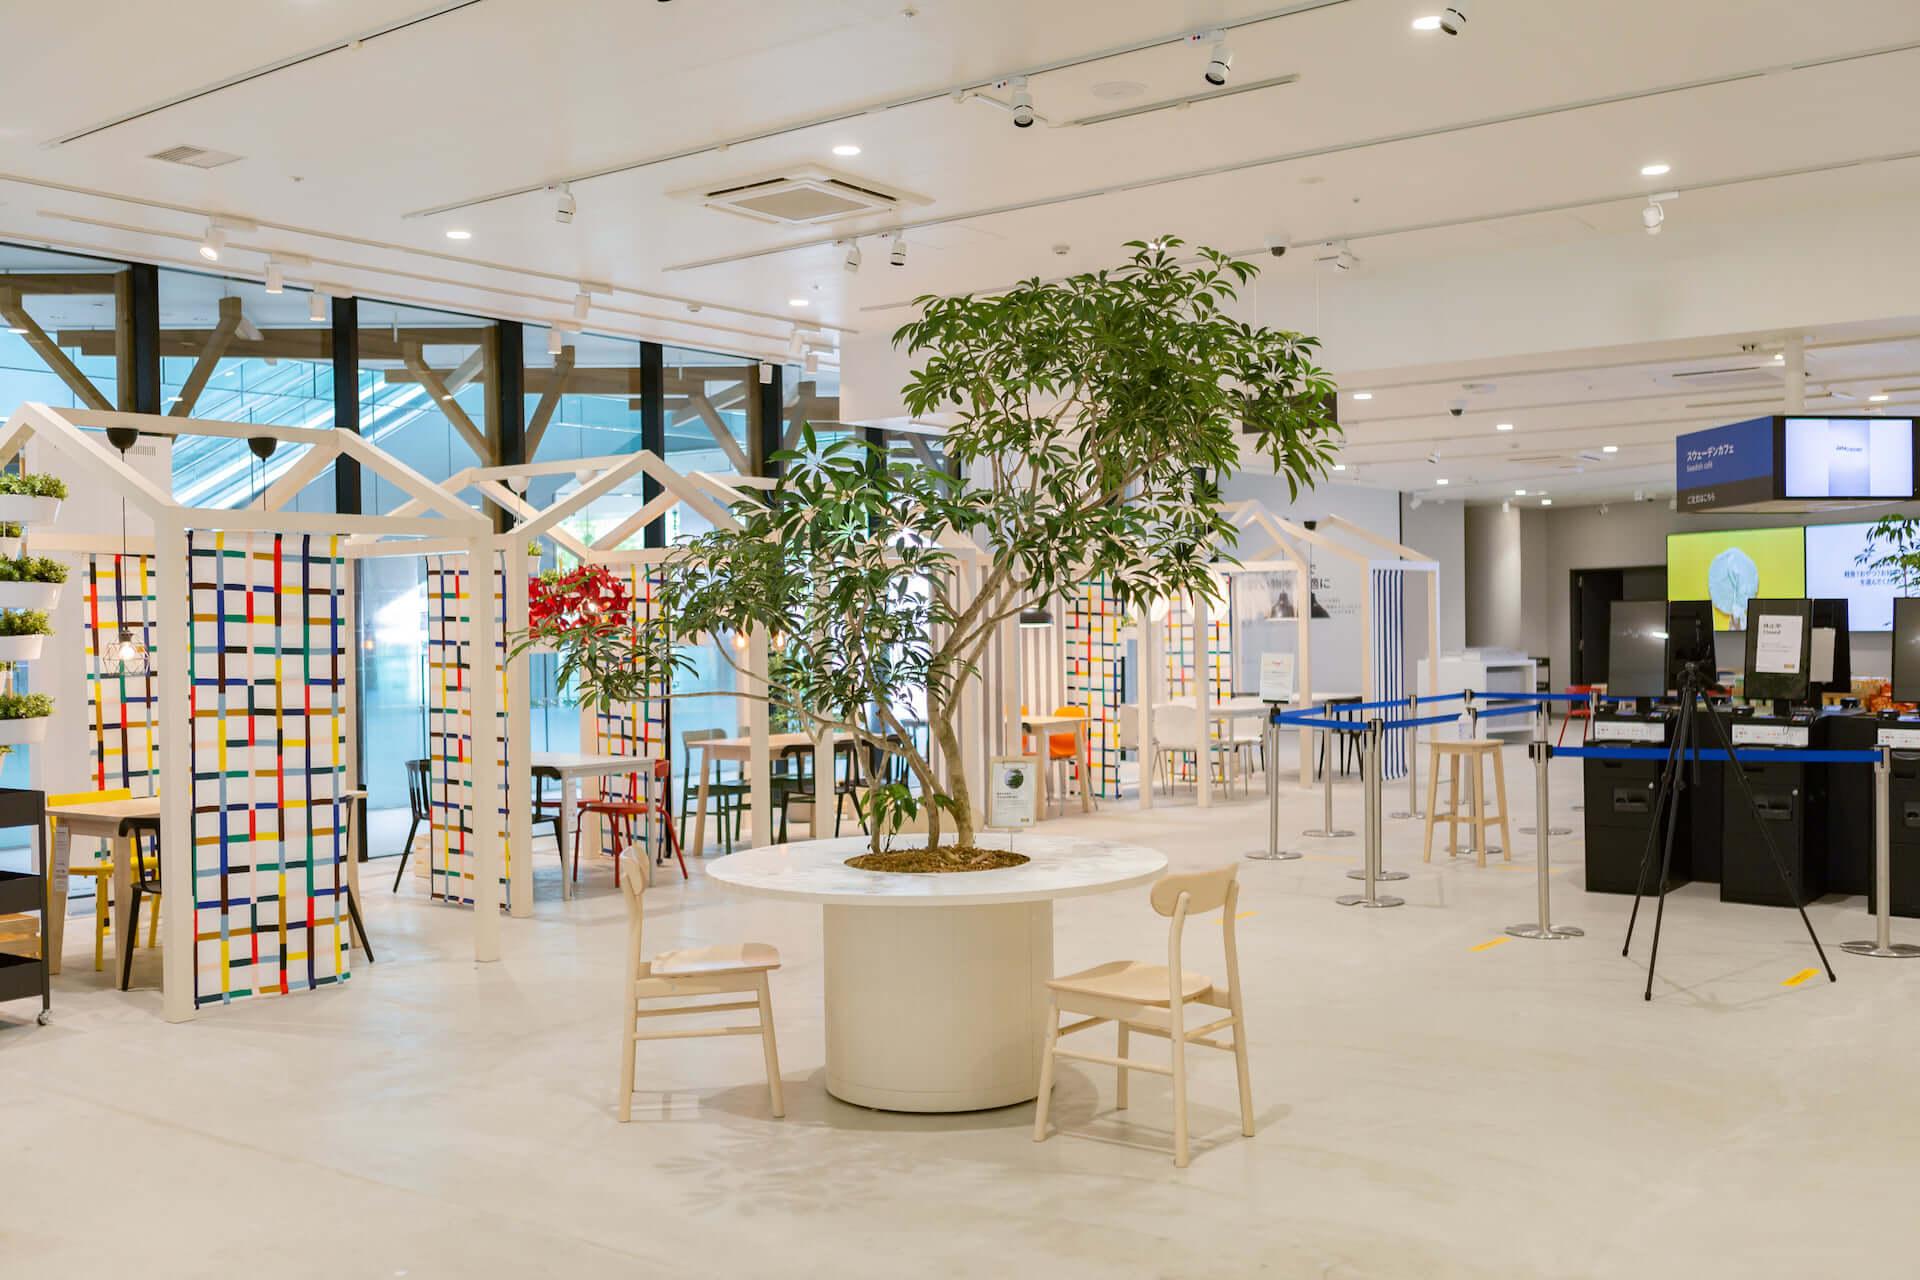 IKEAがついに原宿に登場!WITH HARAJUKUに6月8日オープン決定&内装も一部公開 lf200604_ikea_harajuku_2-1920x1280